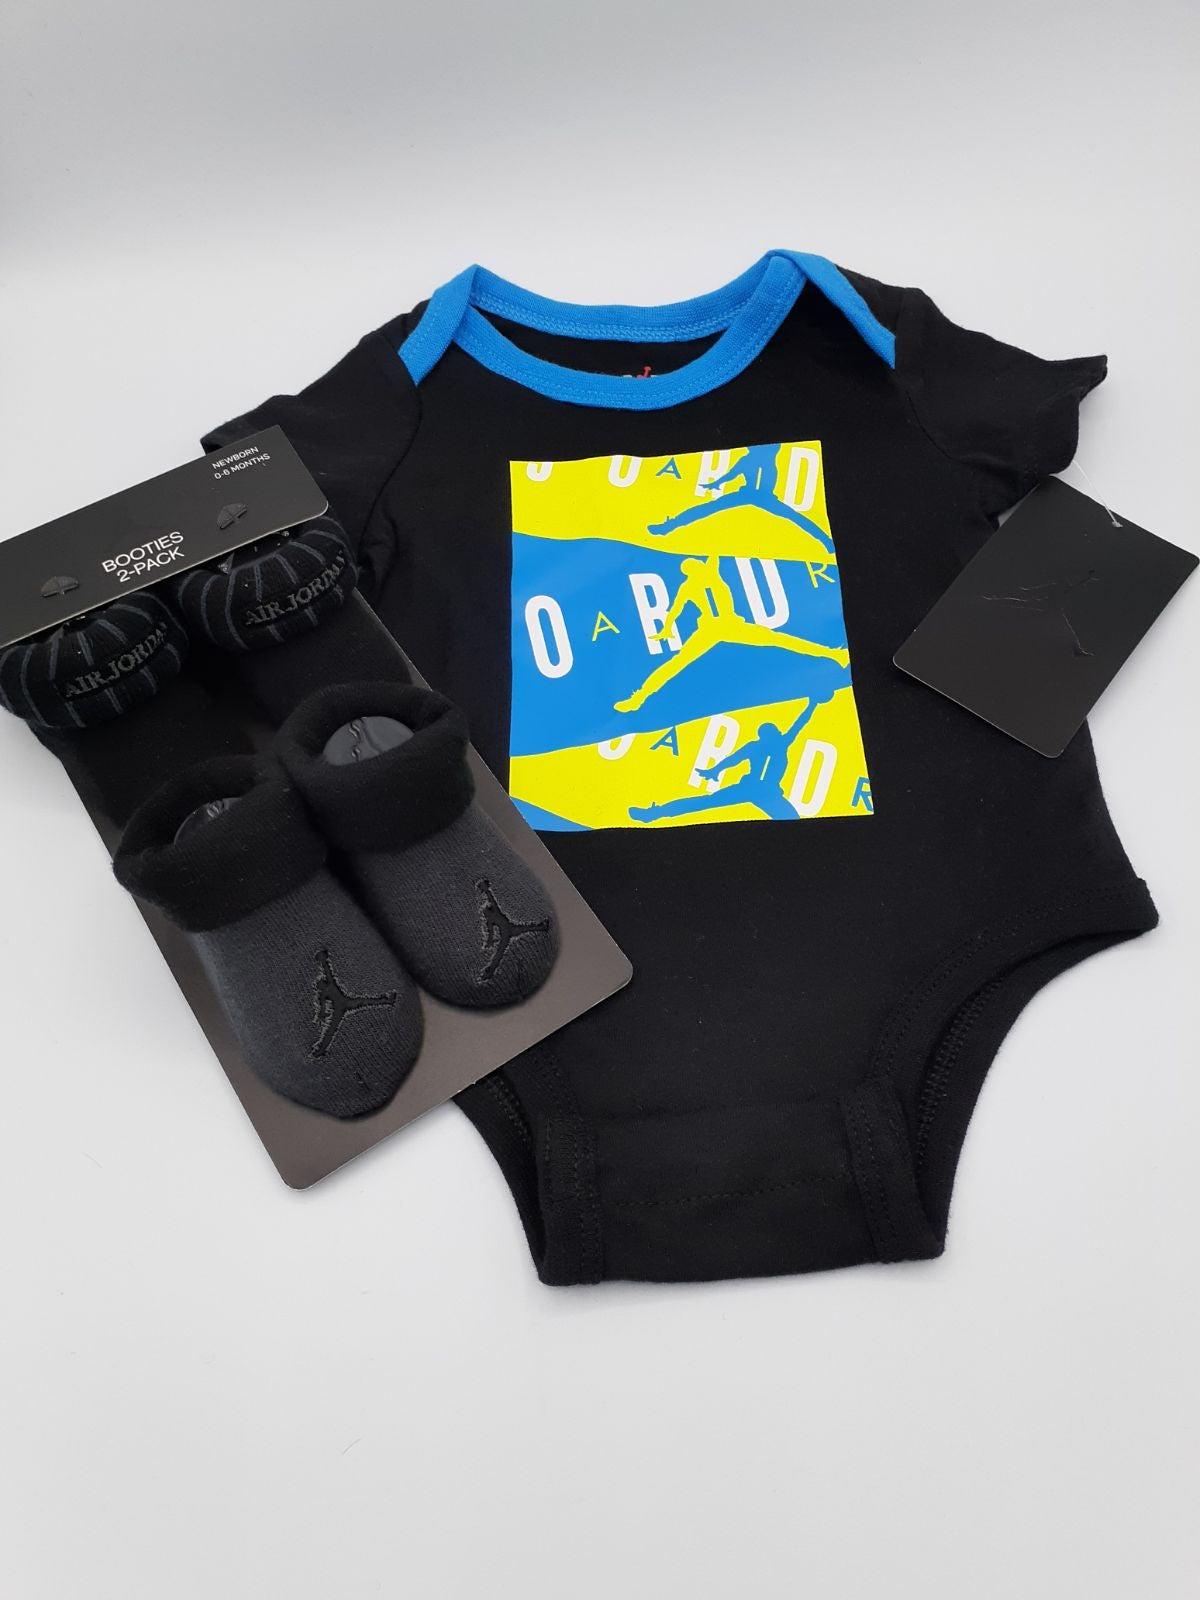 JORDAN BABY BOY ONESIE BOOTIES SET NWT